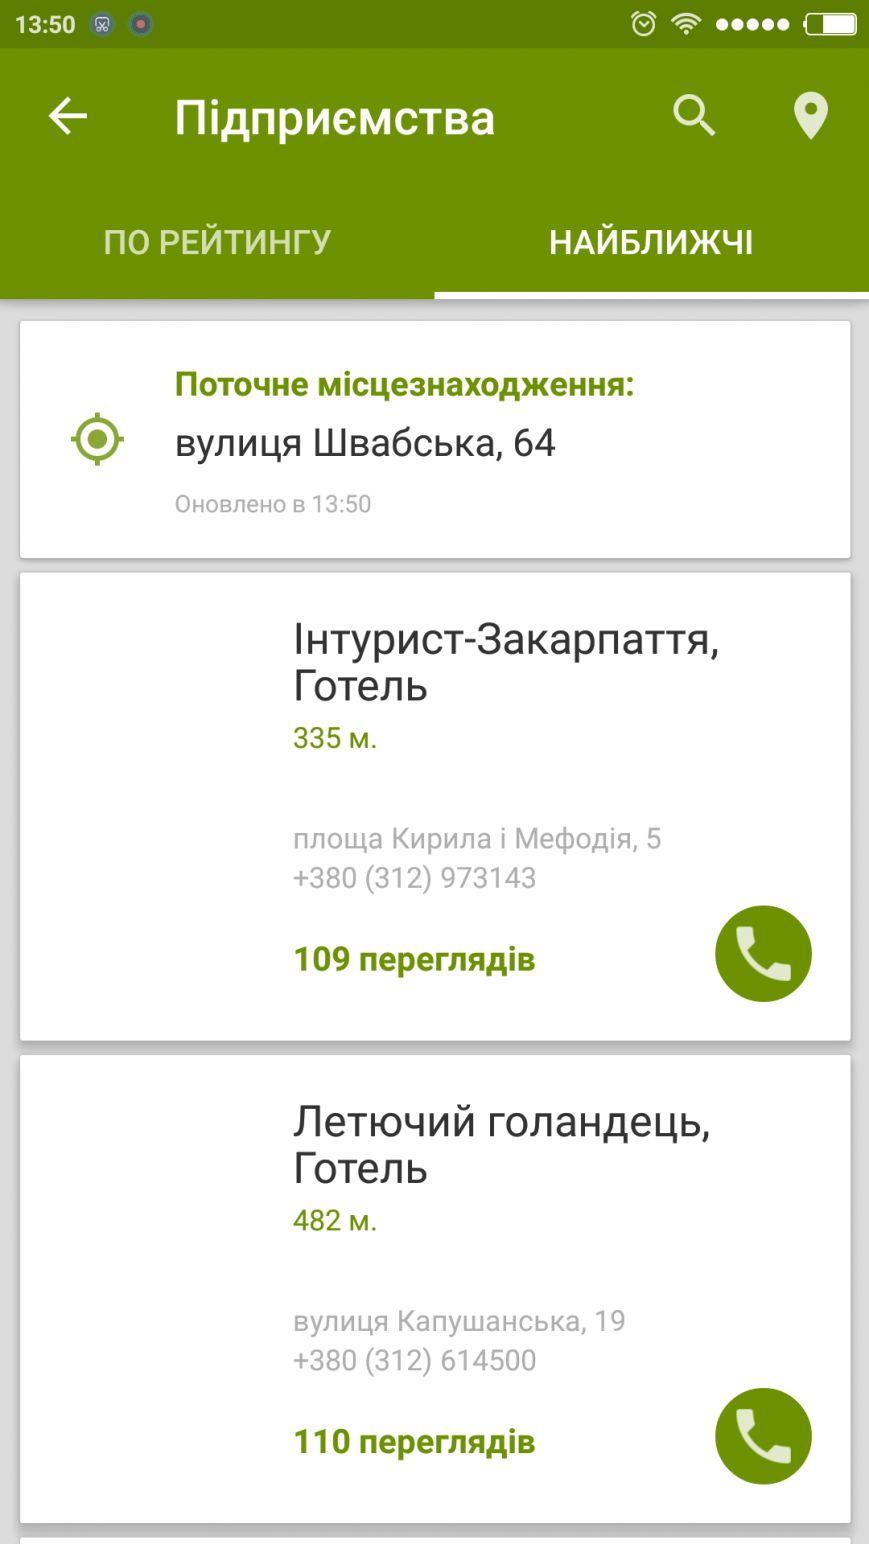 Screenshot_2017-01-23-13-50-21_ua.com.citysites.uzhgorod